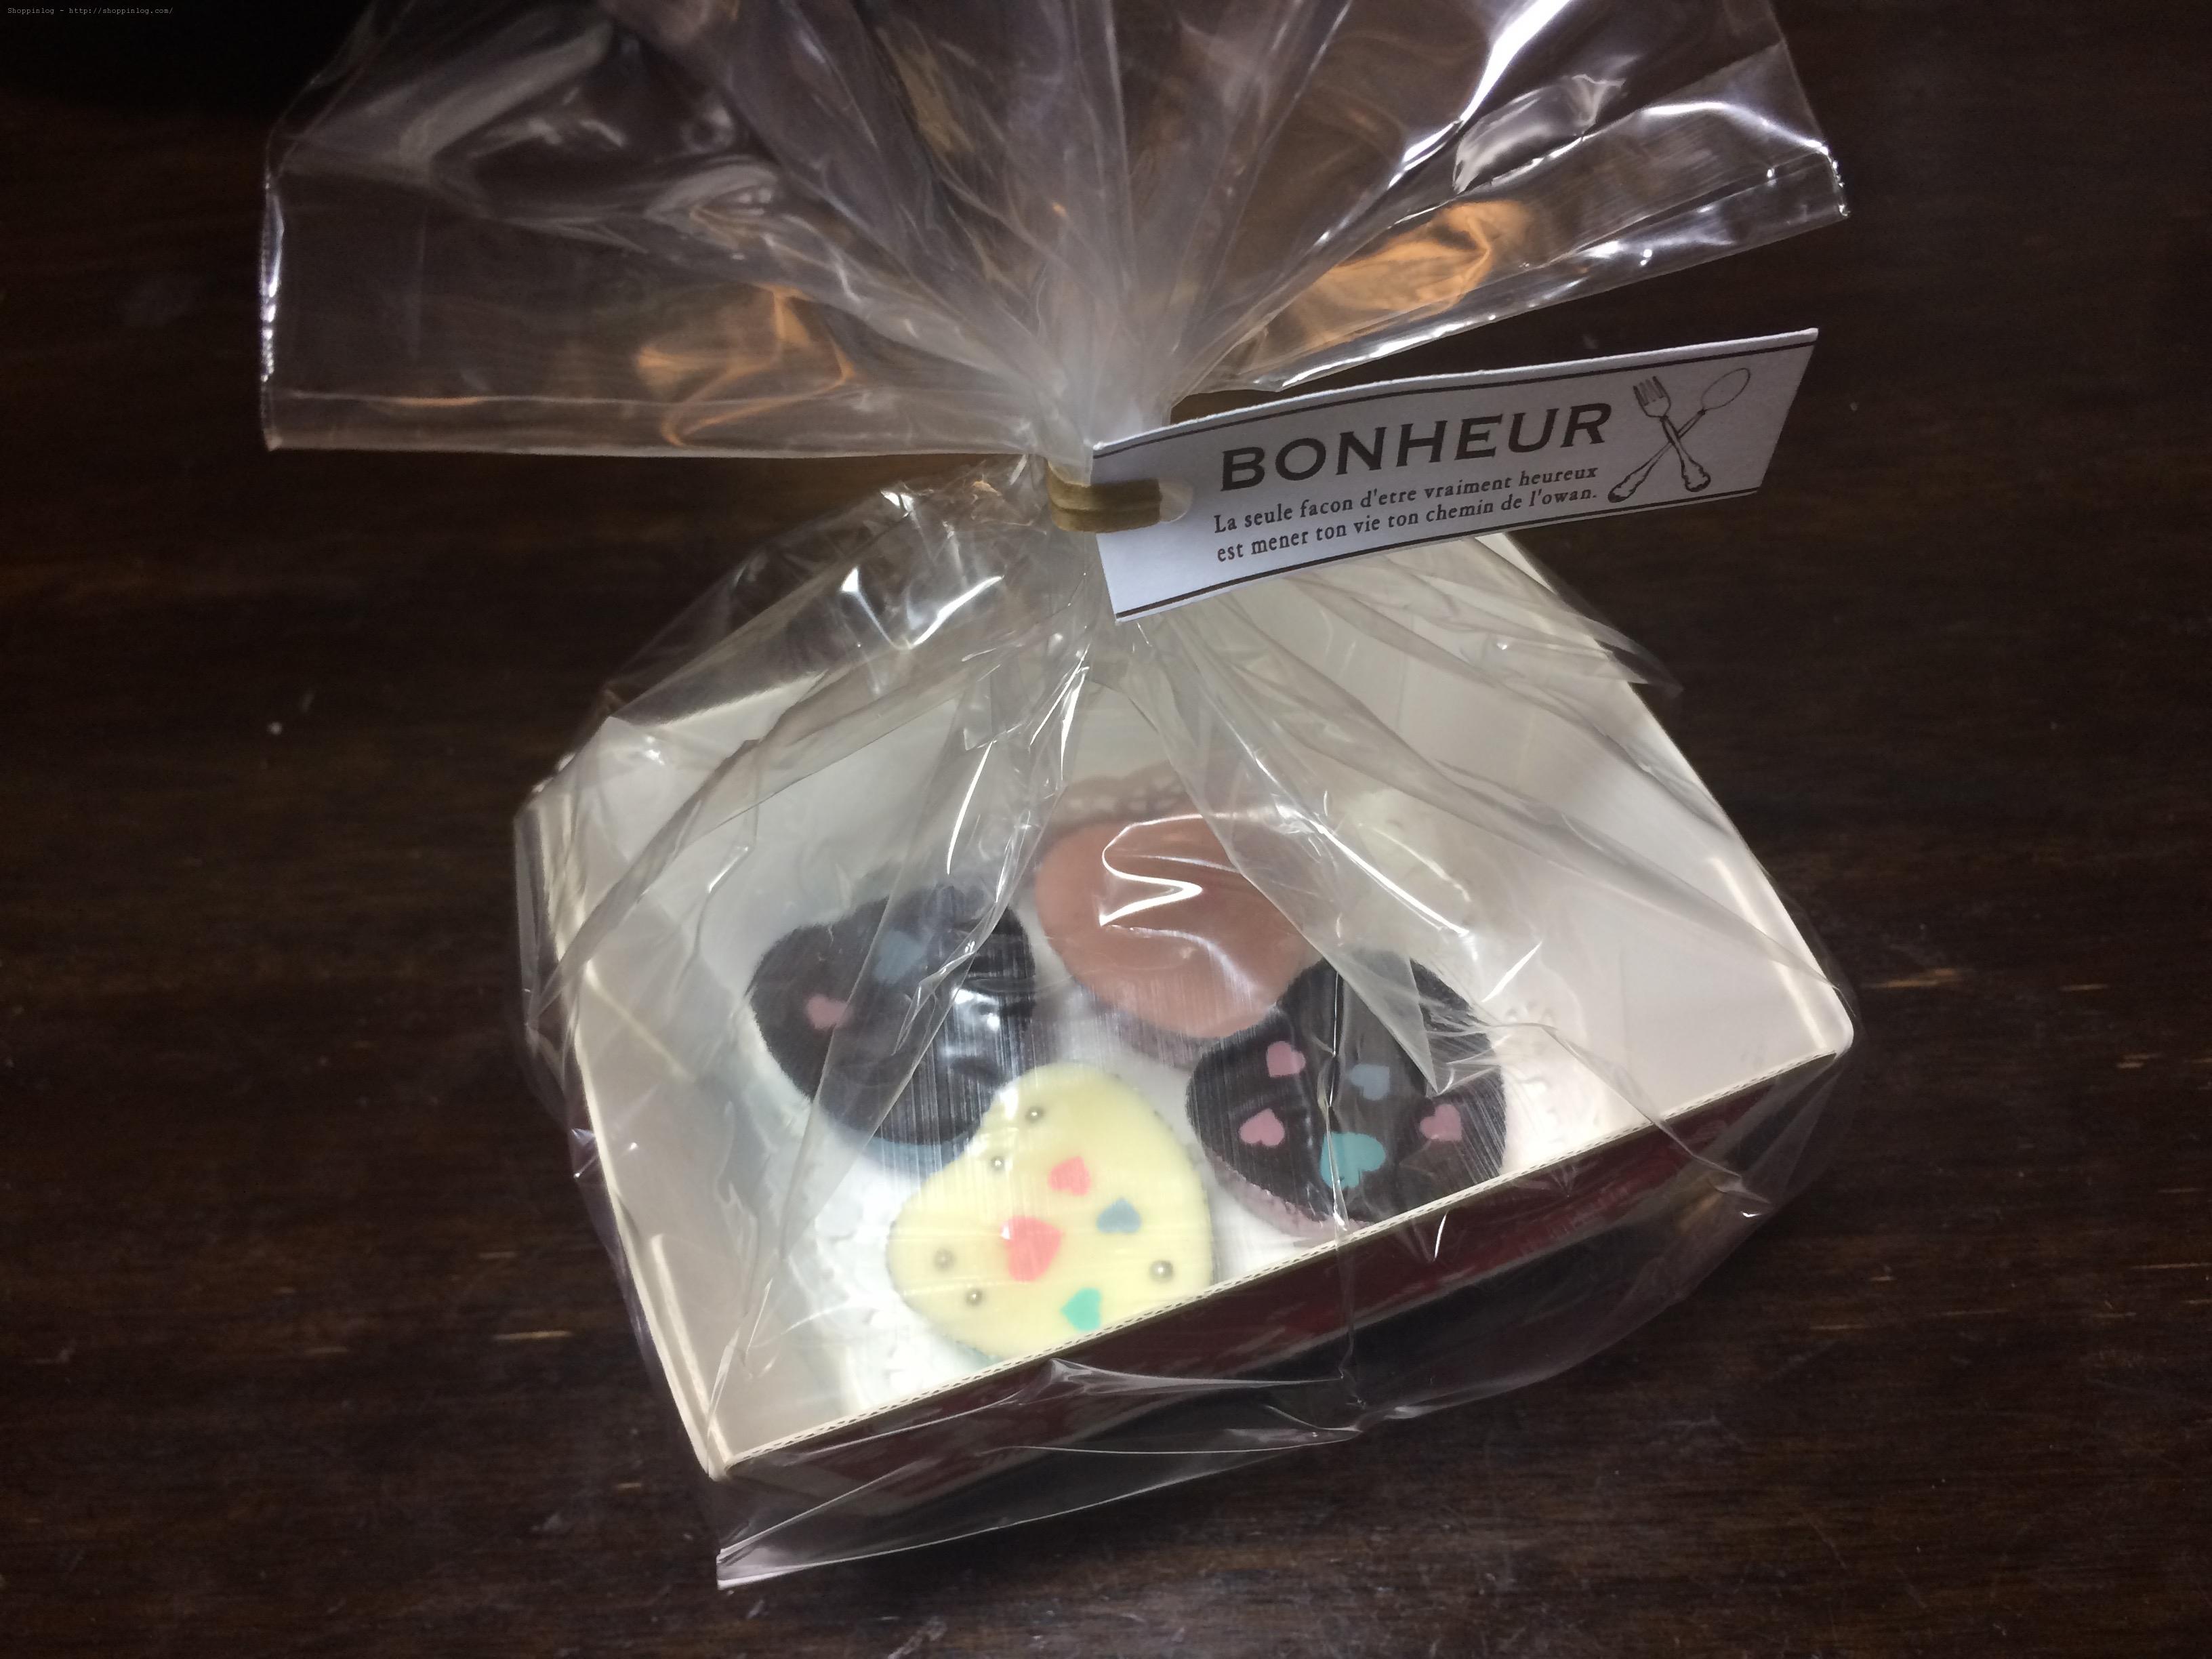 ミニトレーキットで包装したチョコレート